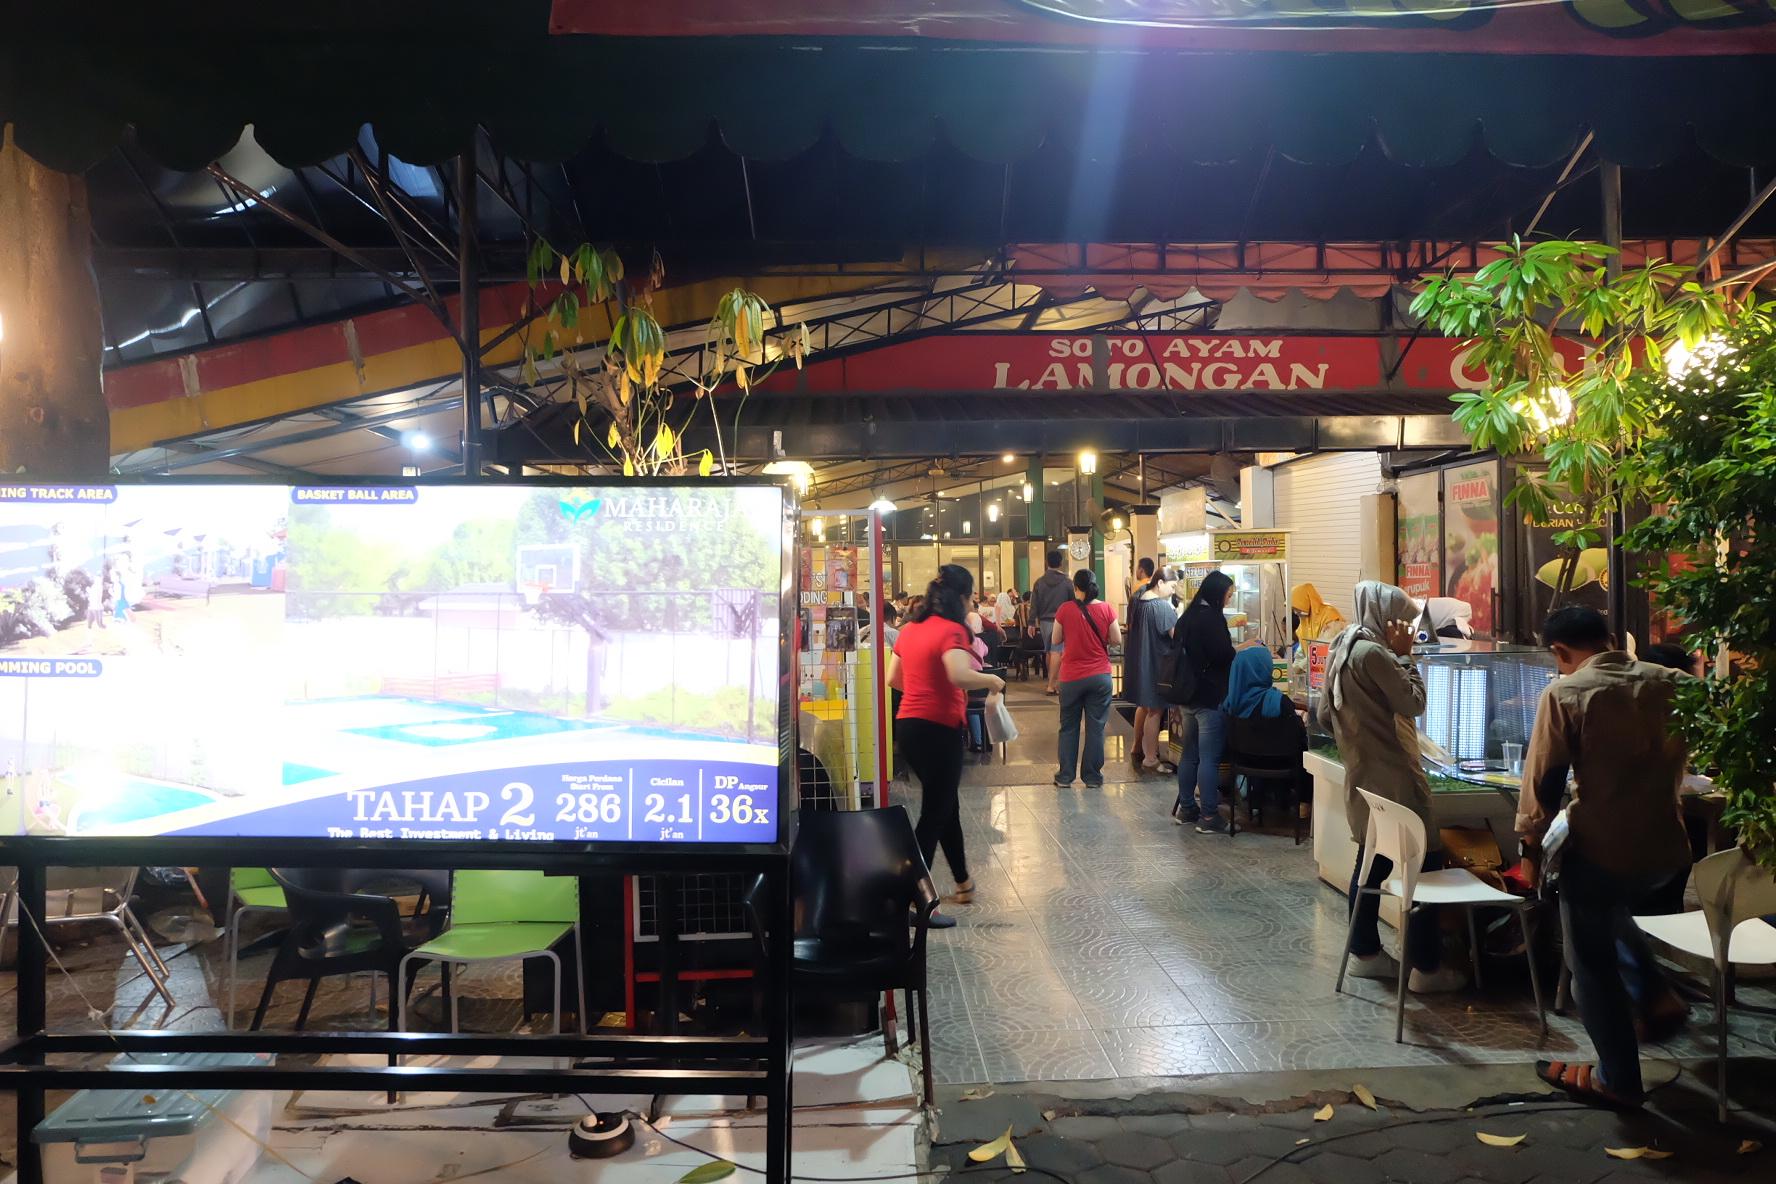 Study Visit ke Surabaya Bareng Universitas Pertahanan - Day 1